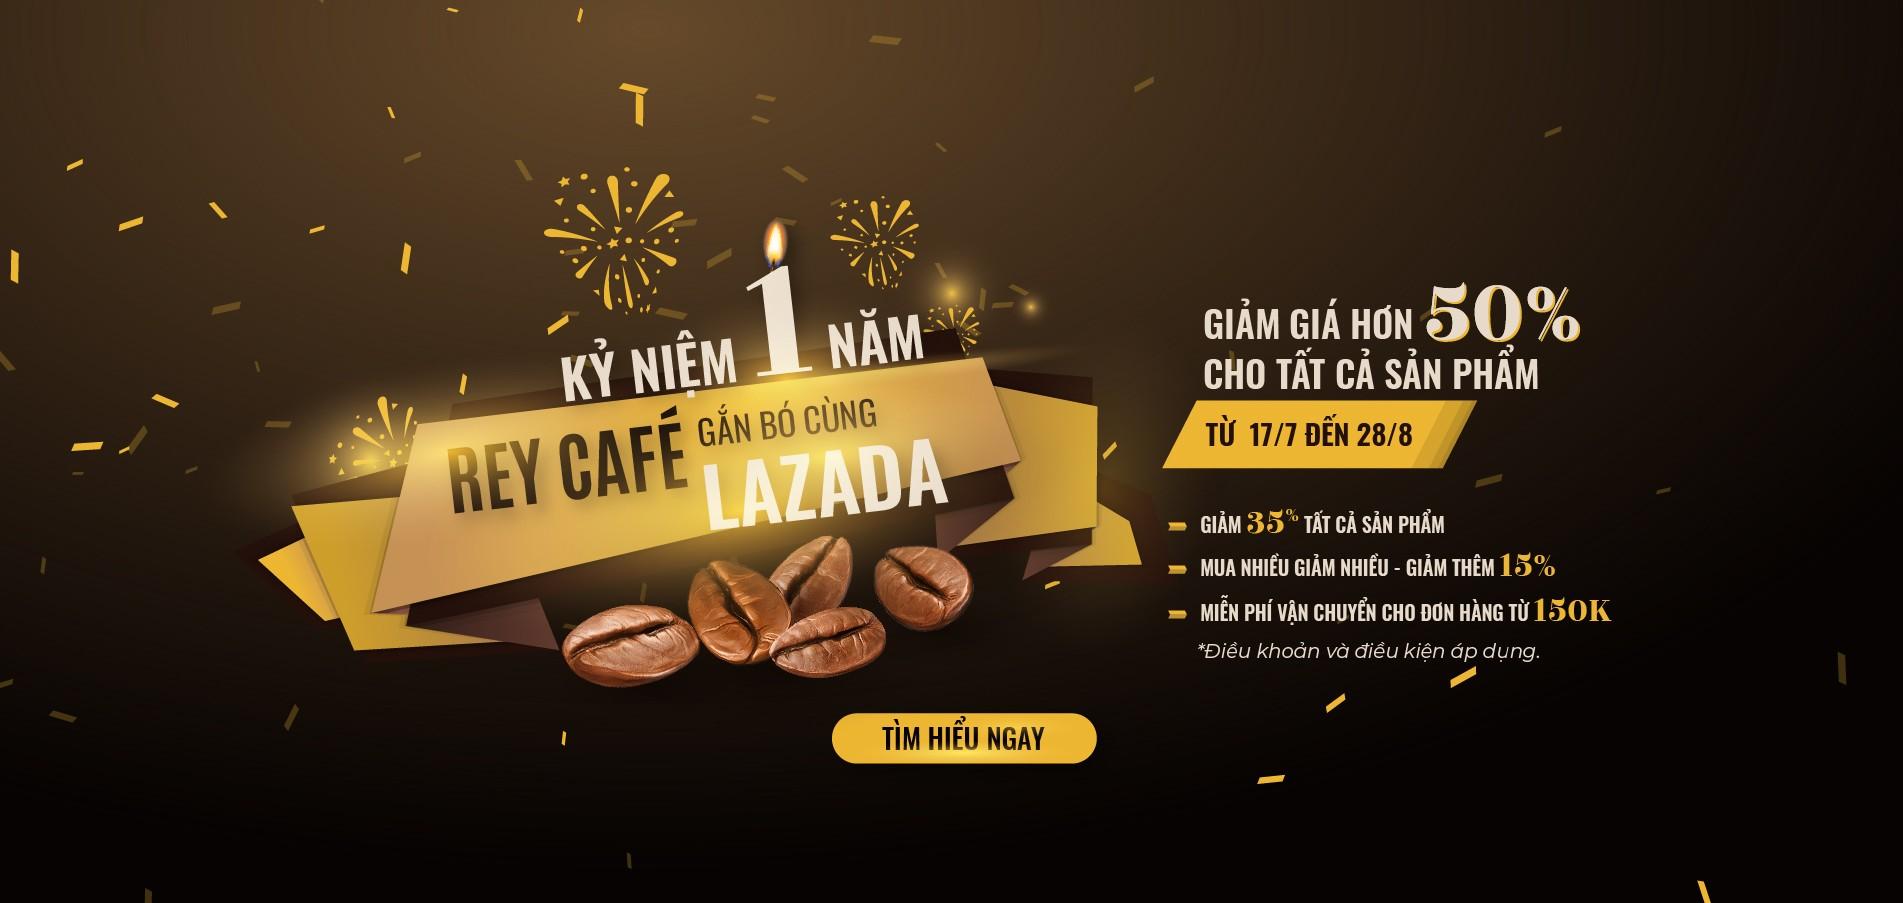 Chương trình khuyến mãi giảm 50% cà phê tại Lazada